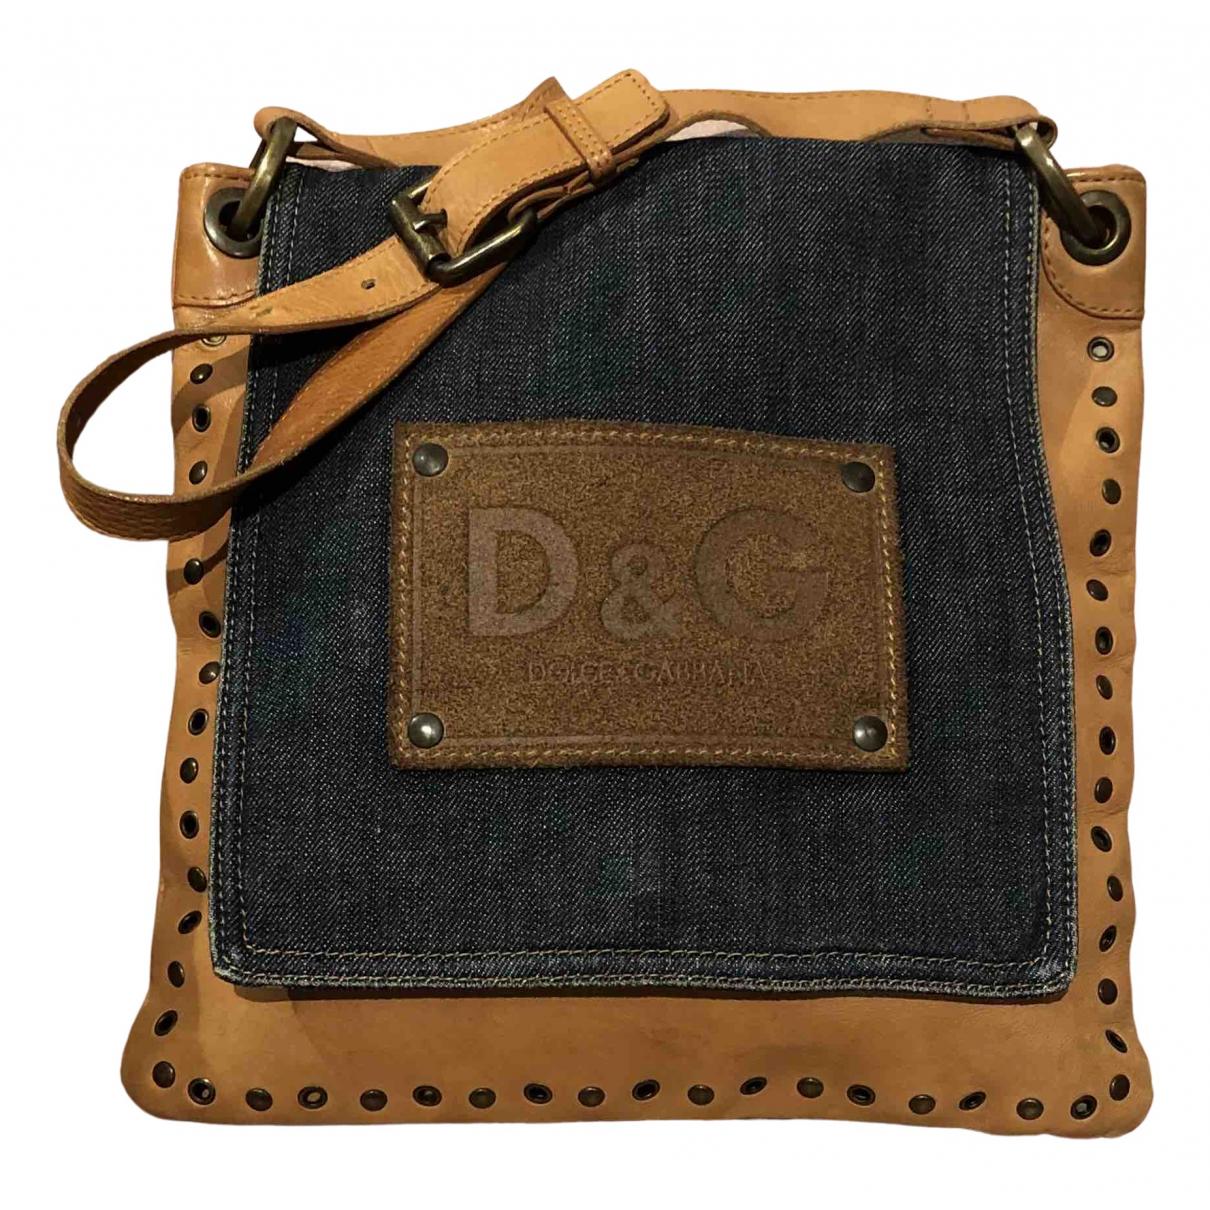 D&g \N Multicolour Leather handbag for Women \N